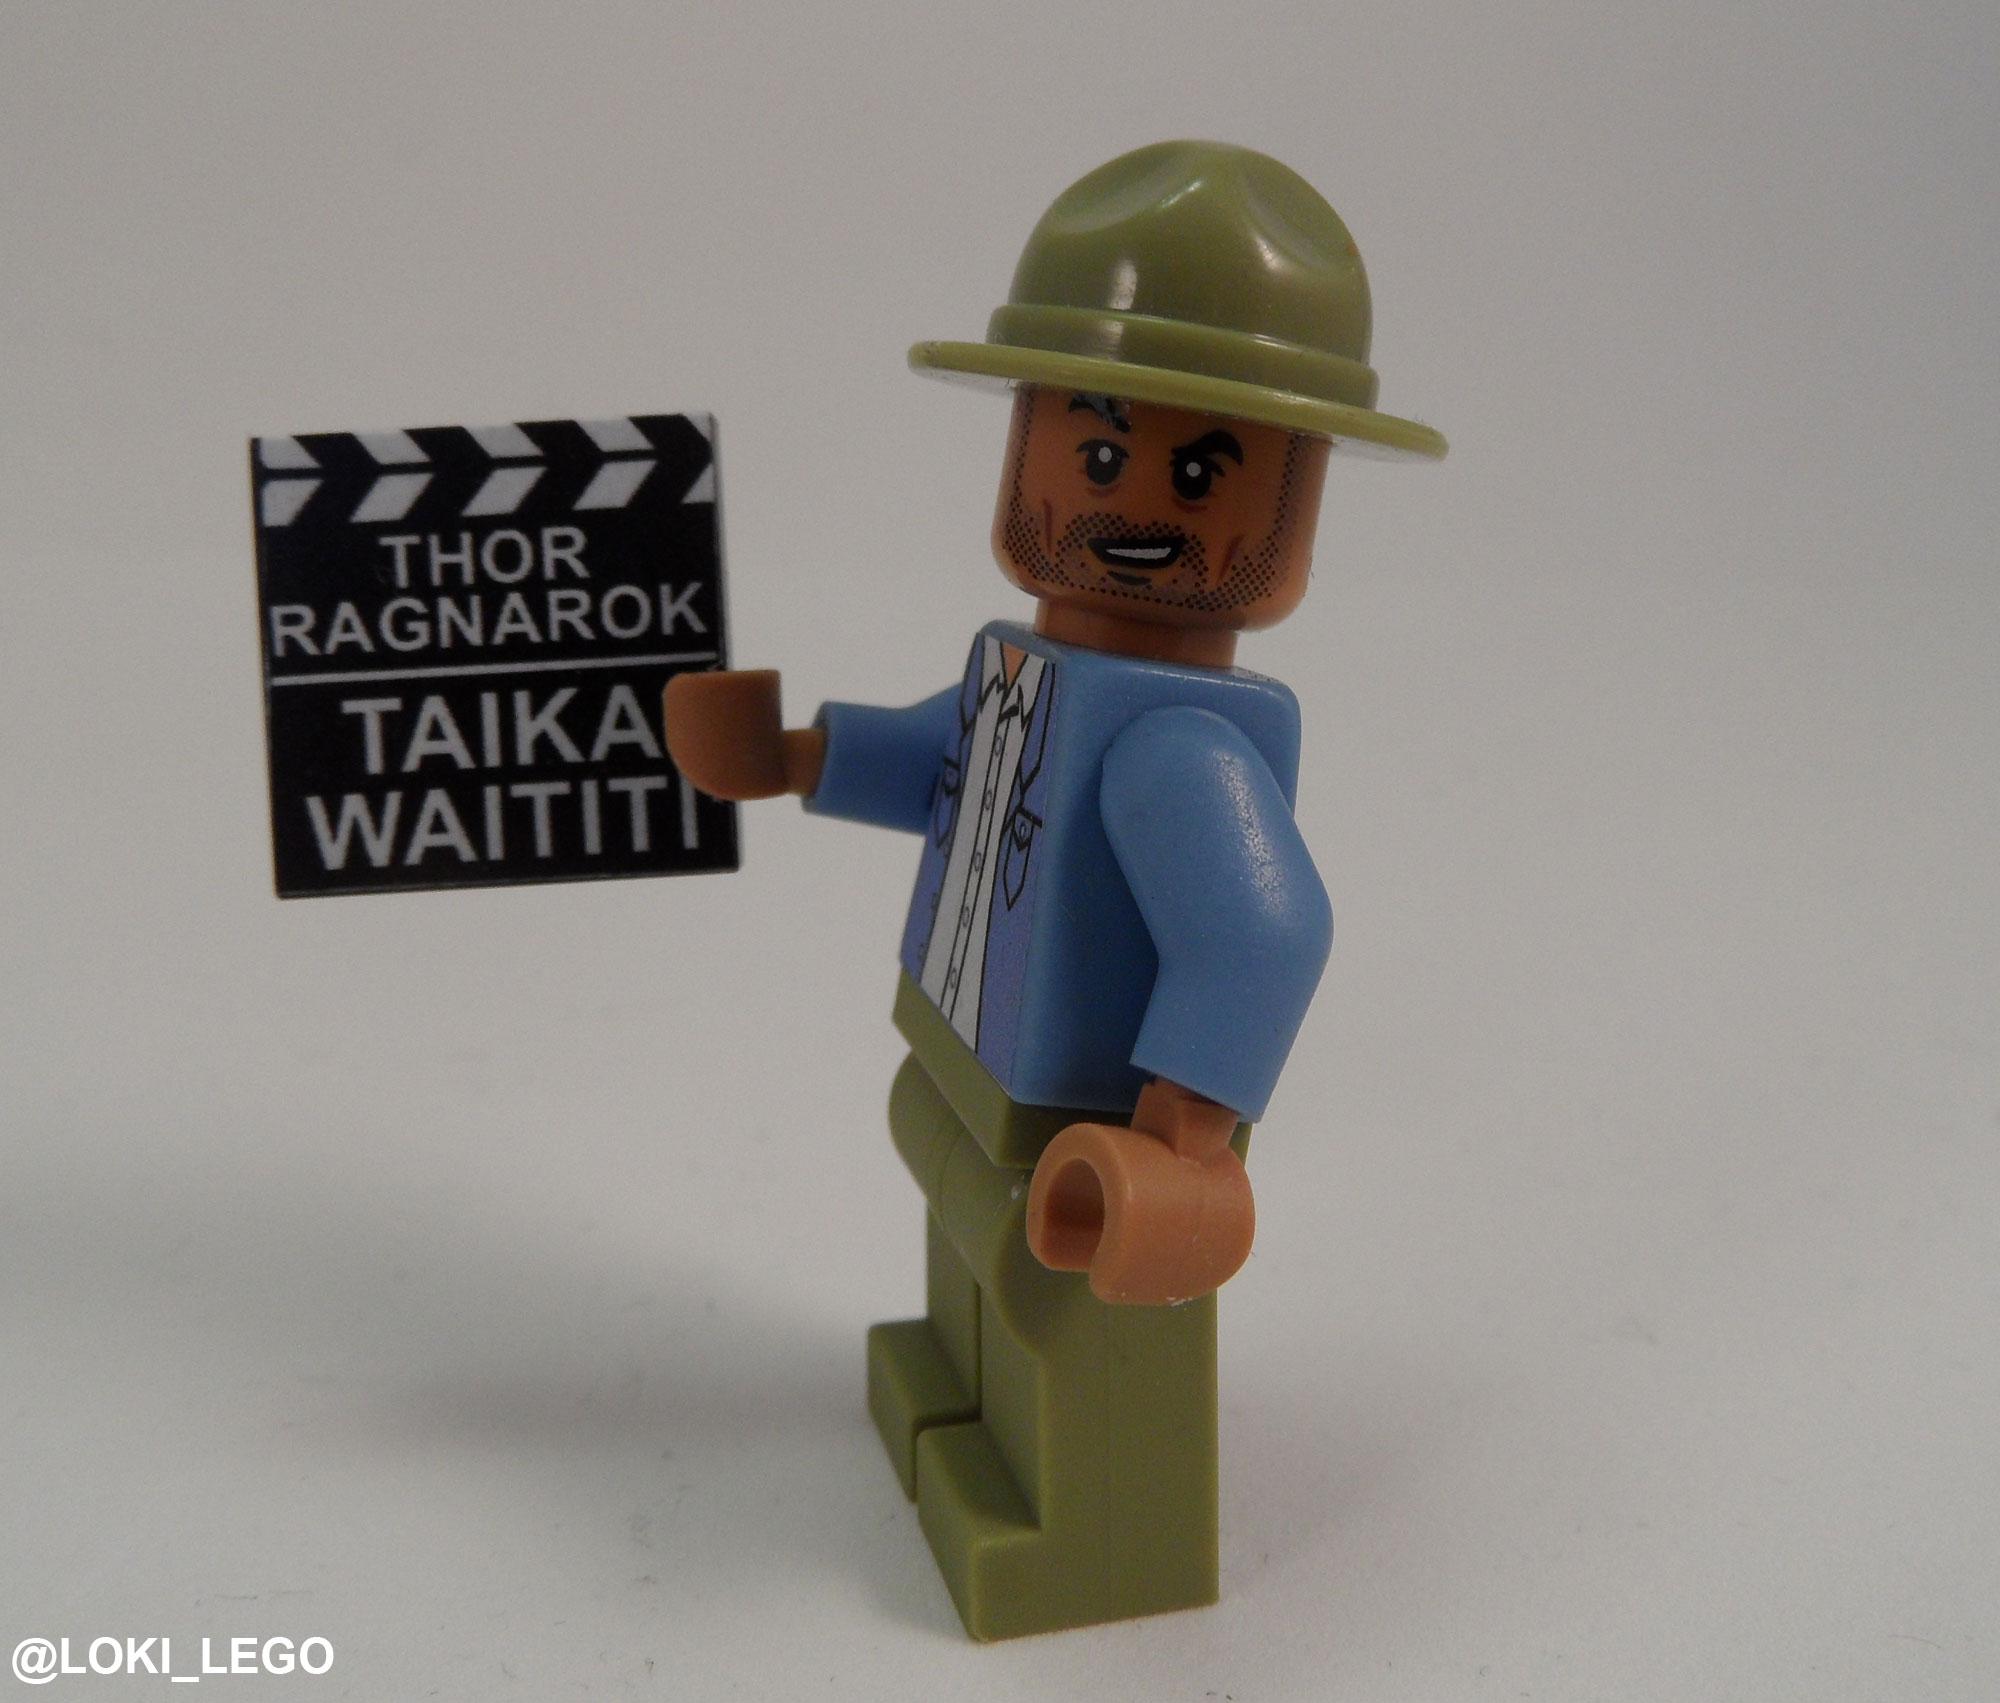 thor-ragnarok-lego-set-11